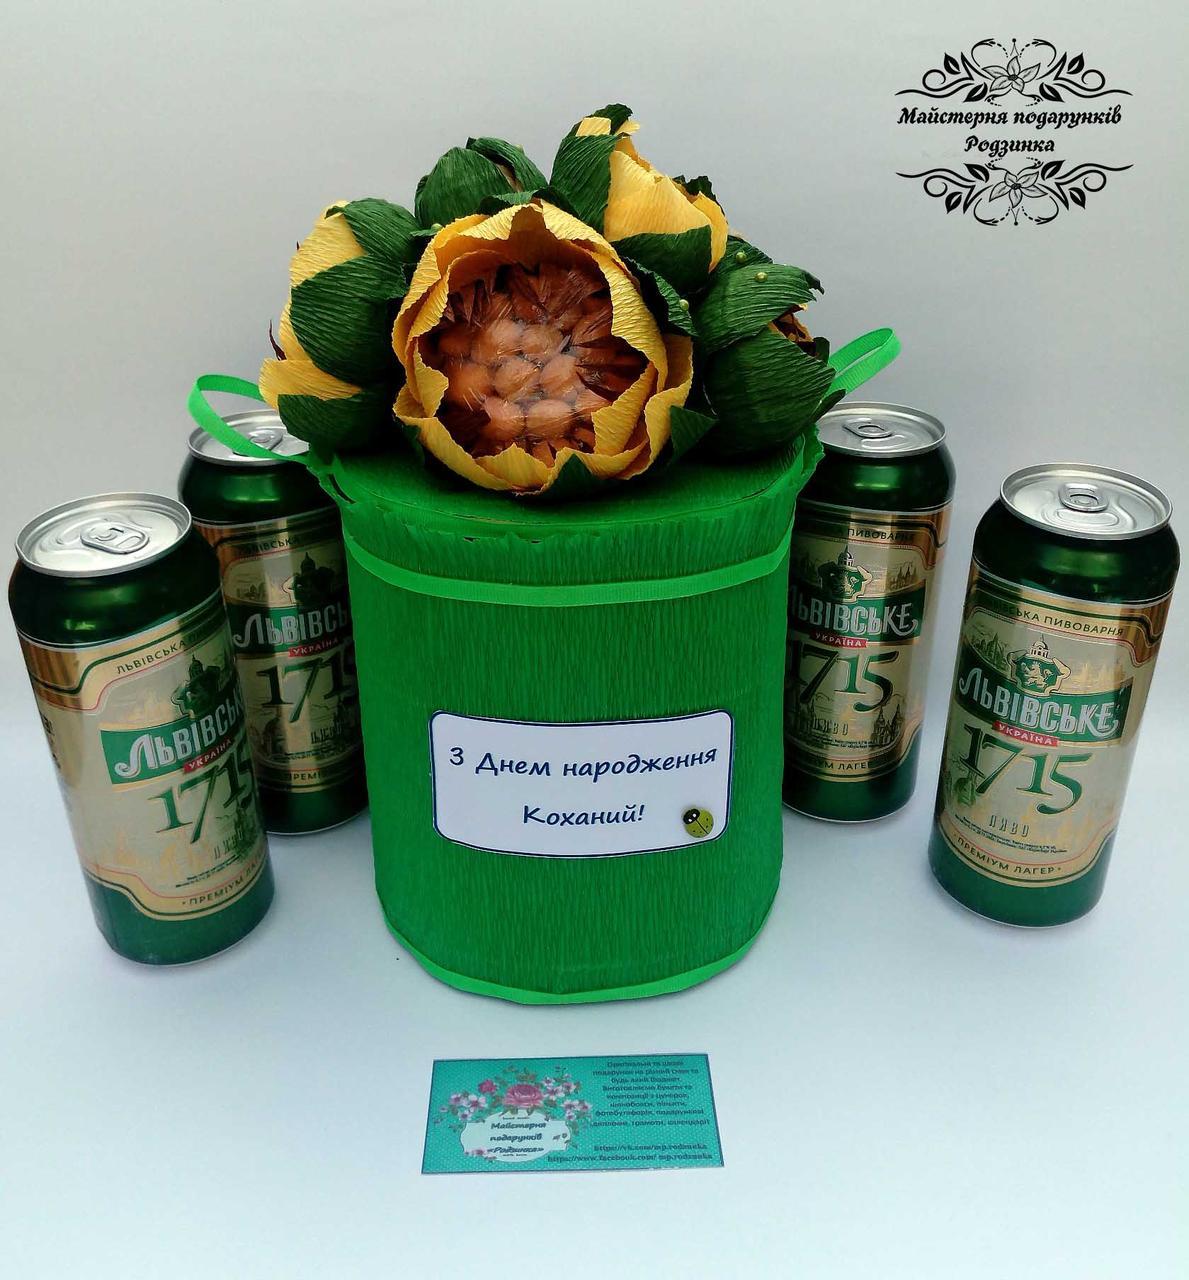 Подарункова коробка на 4 банки пива.Їстивний букет в коробці. Мужской букет. Пивной торт